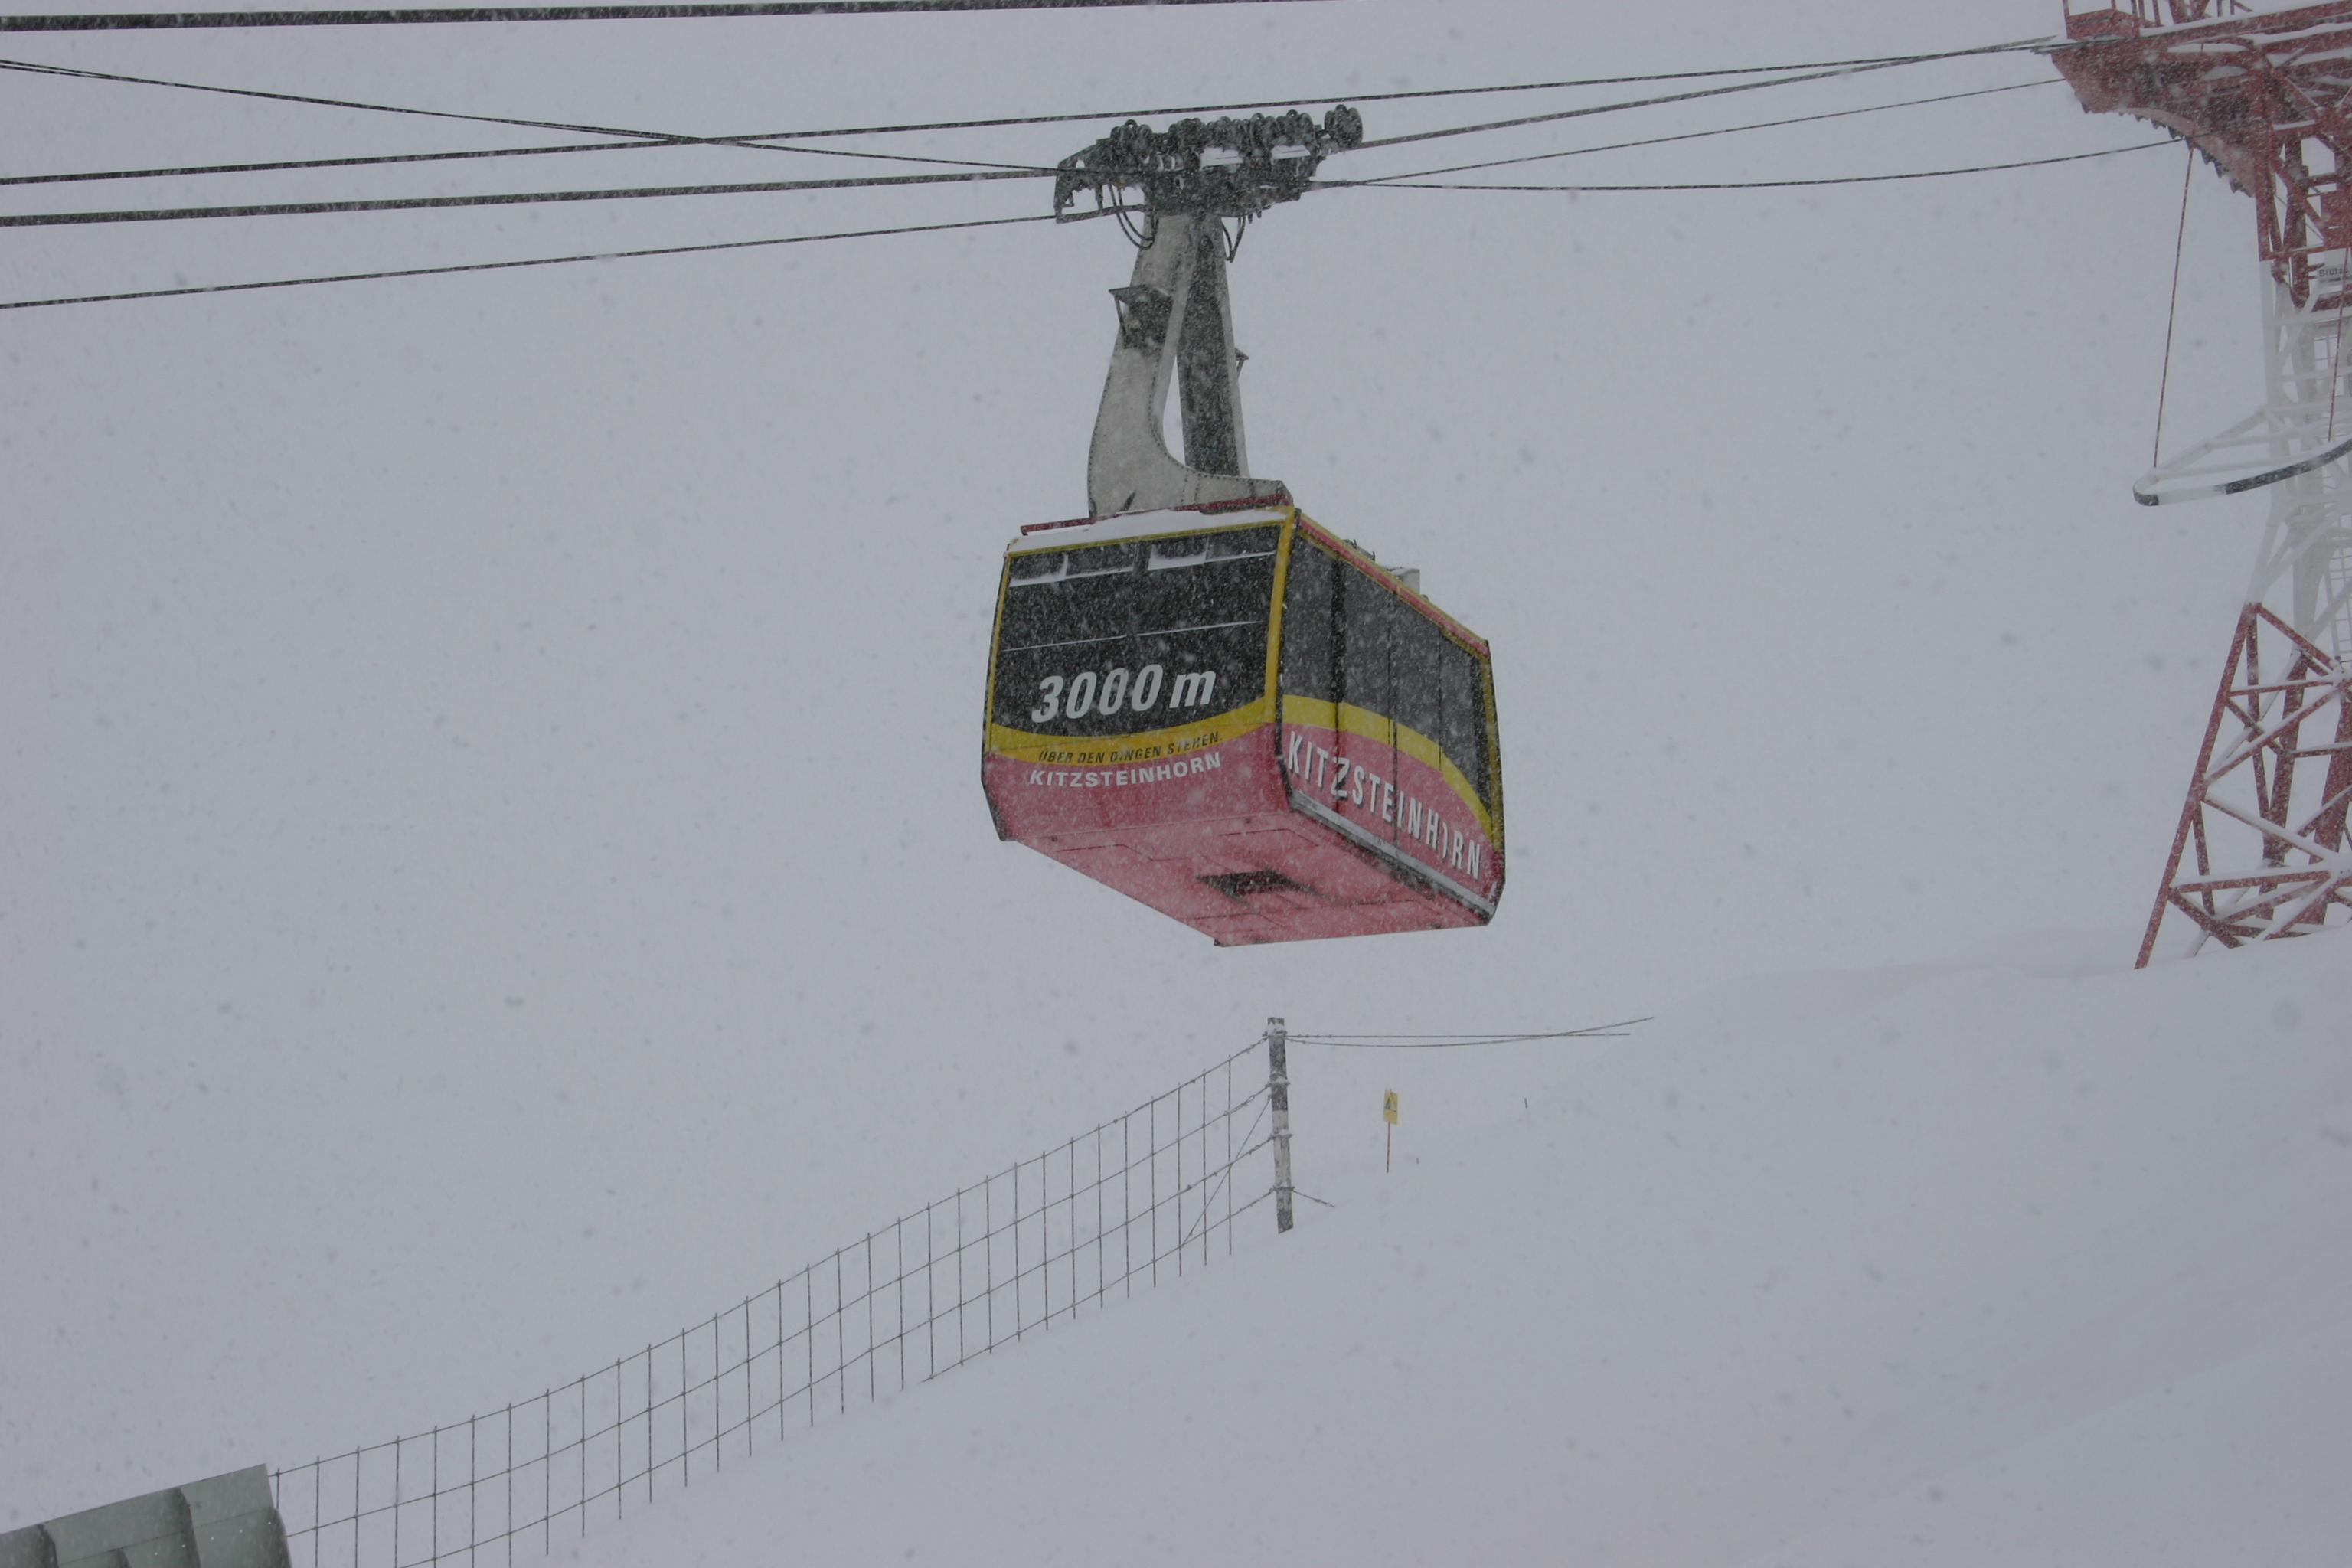 Kitzbüheler Alpen 340 - Dag 5